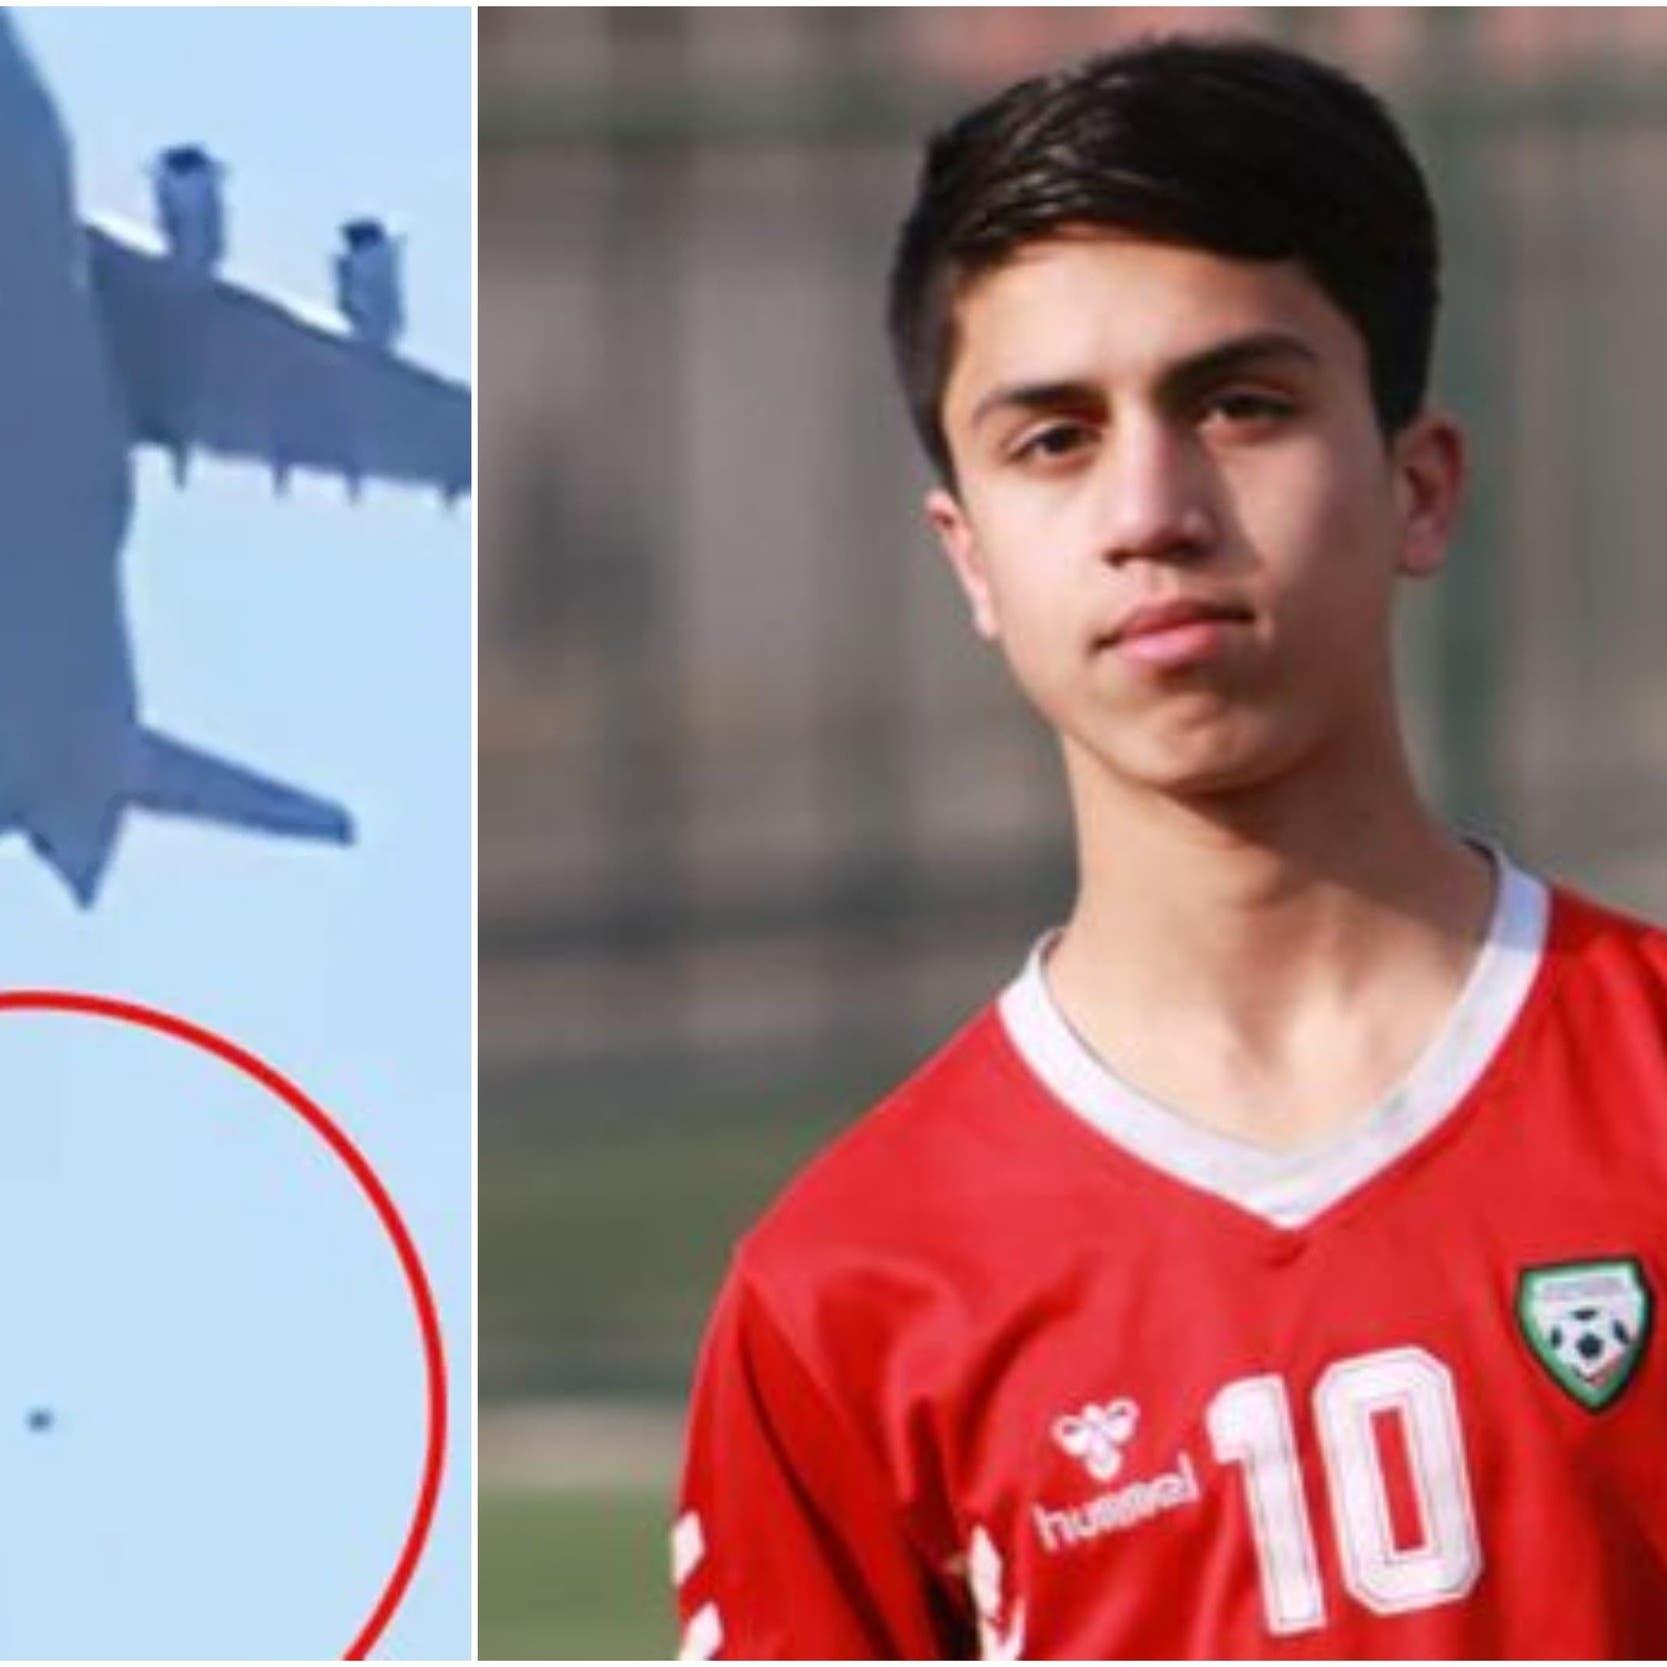 وفاة لاعب منتخب أفغانستانبعد سقوطه من طائرة أميركية